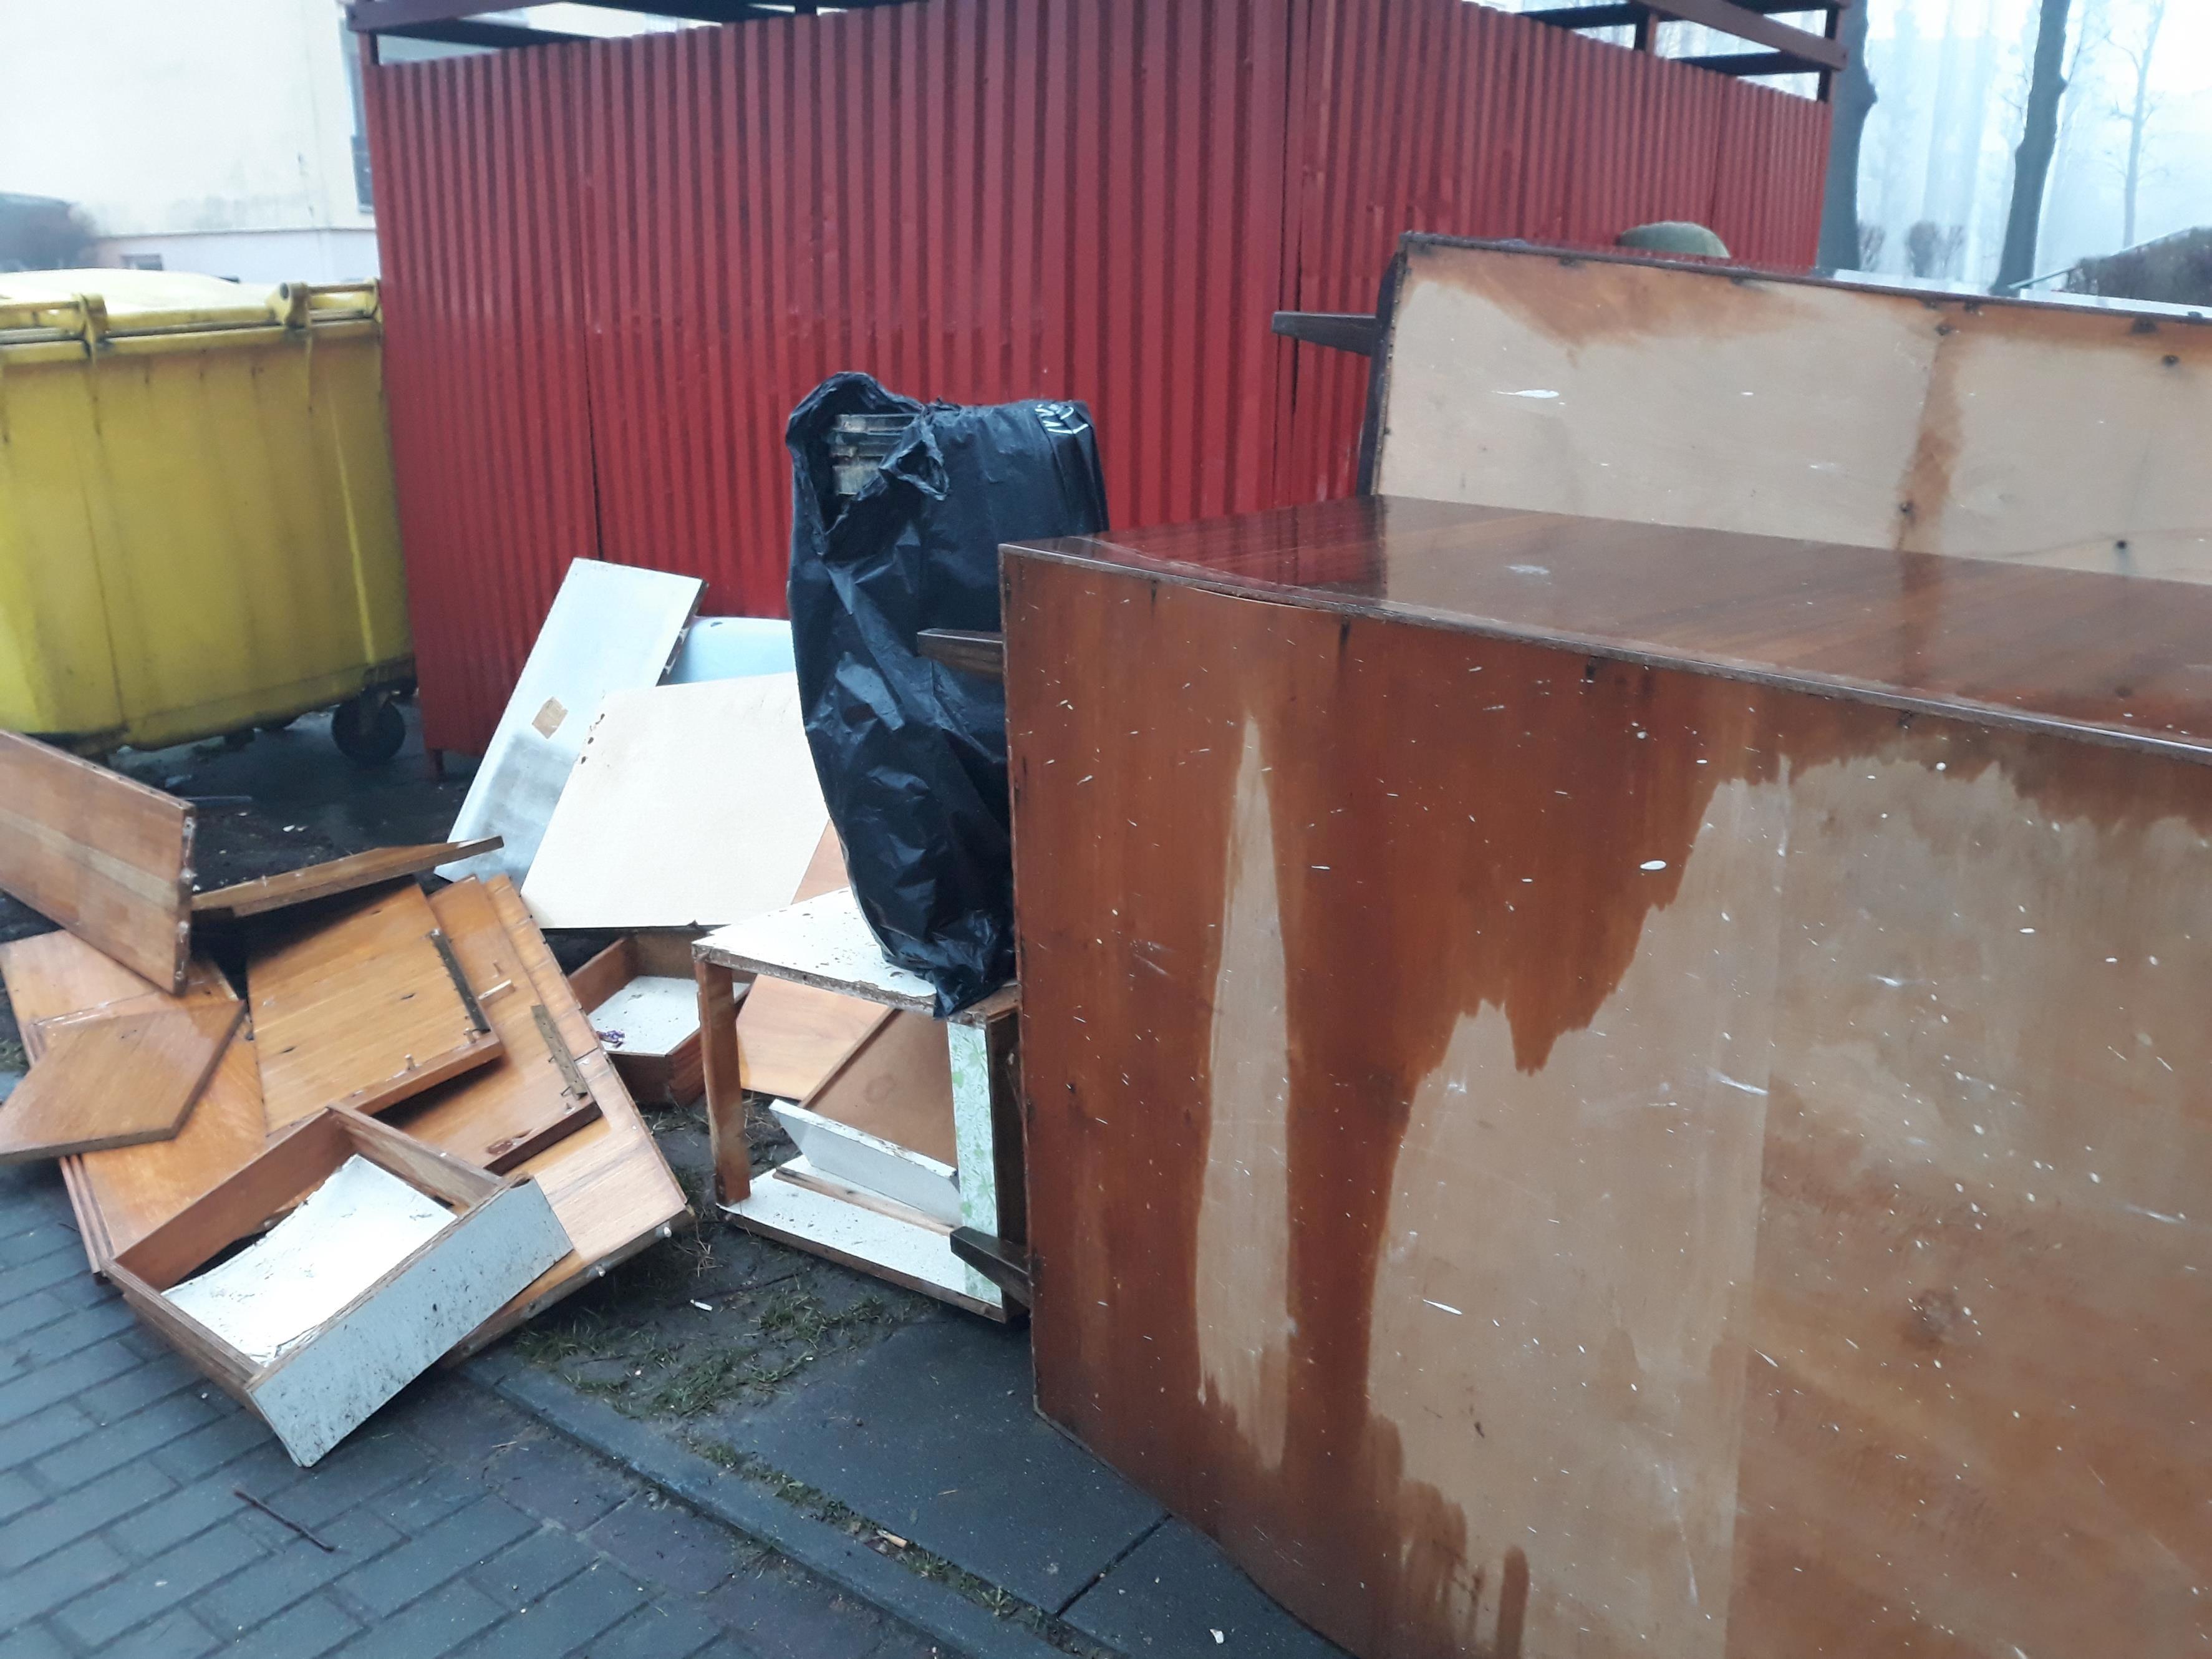 Burmistrz w końcu ogłosił akcję wywozu odpadów